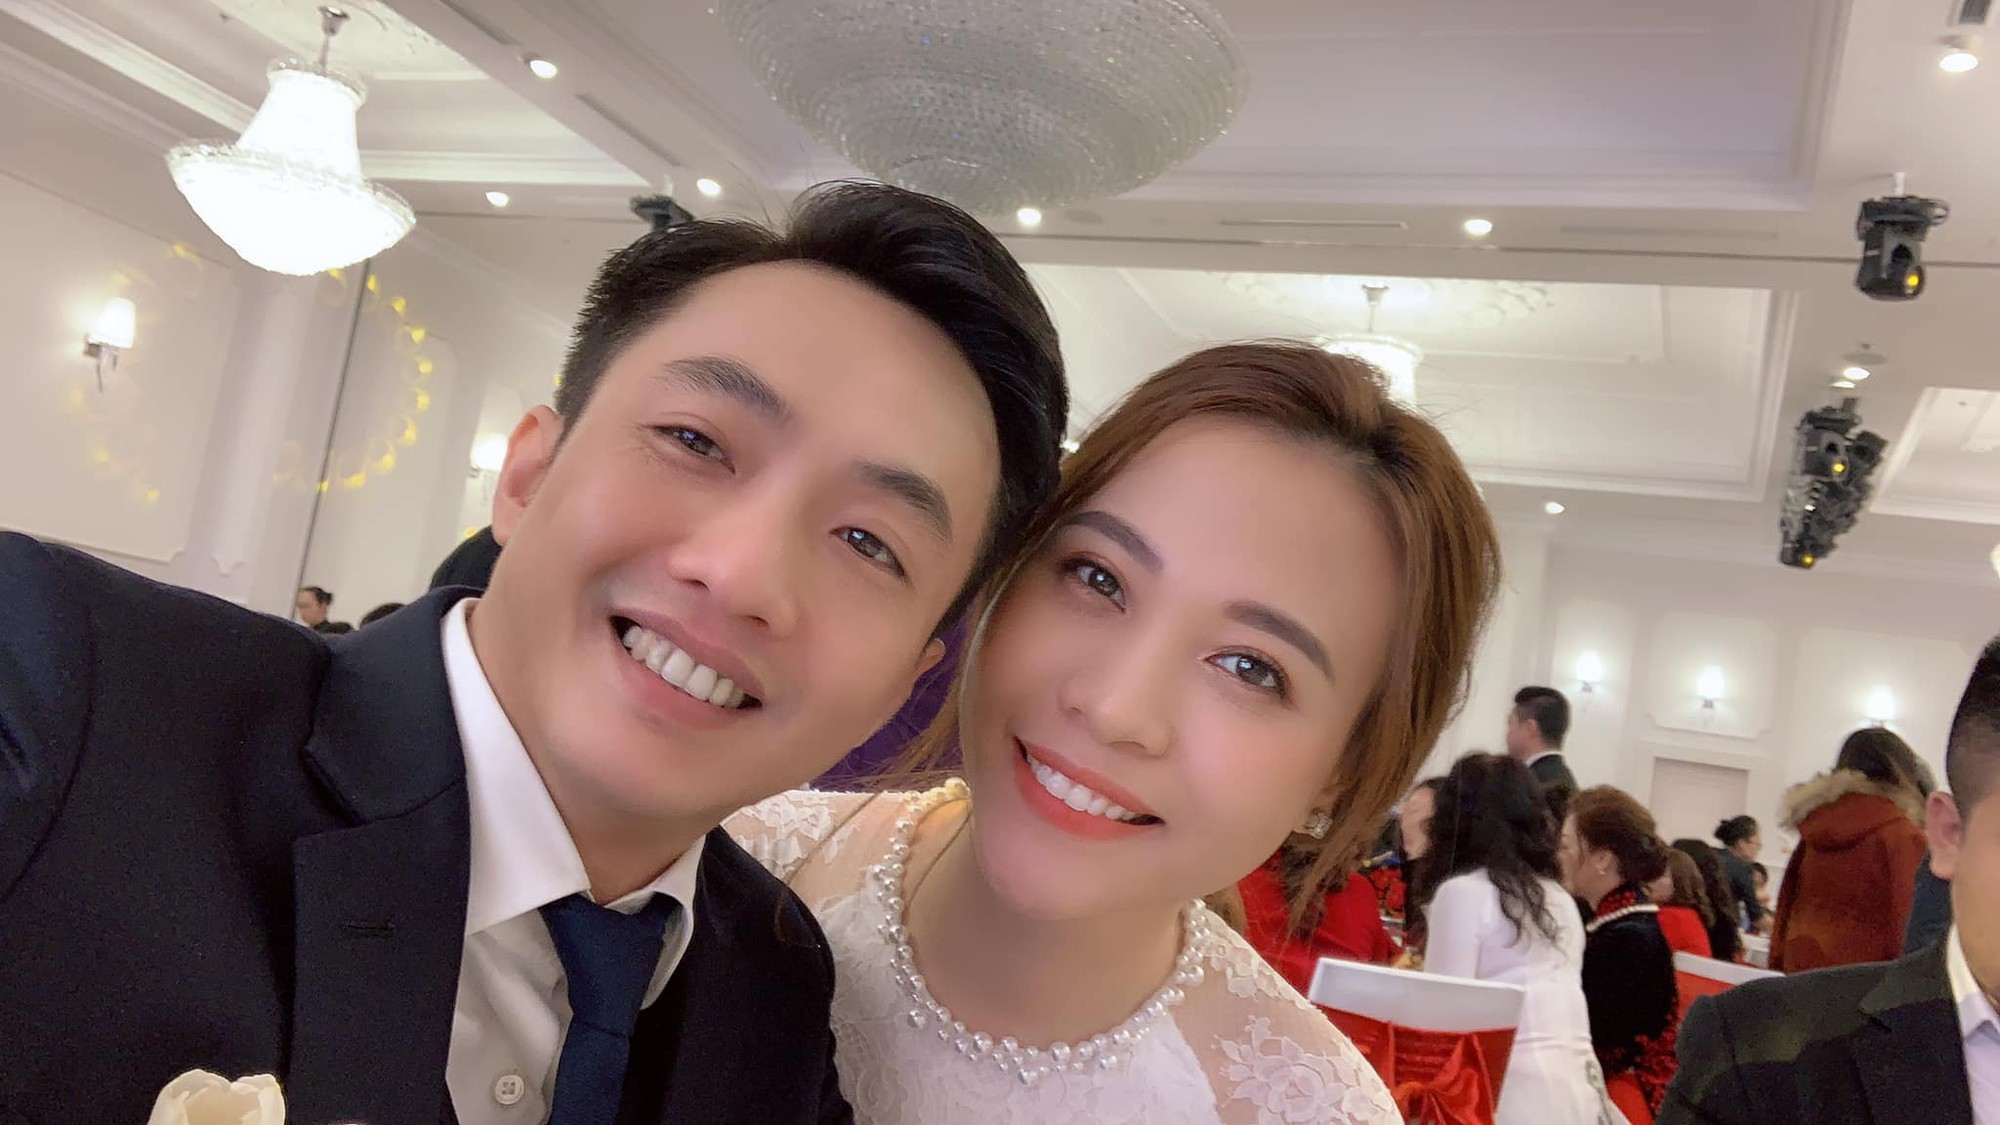 Hé lộ thêm ảnh cưới đơn giản của Cường Đô La và Đàm Thu Trang trước ngày trọng đại? - Ảnh 2.